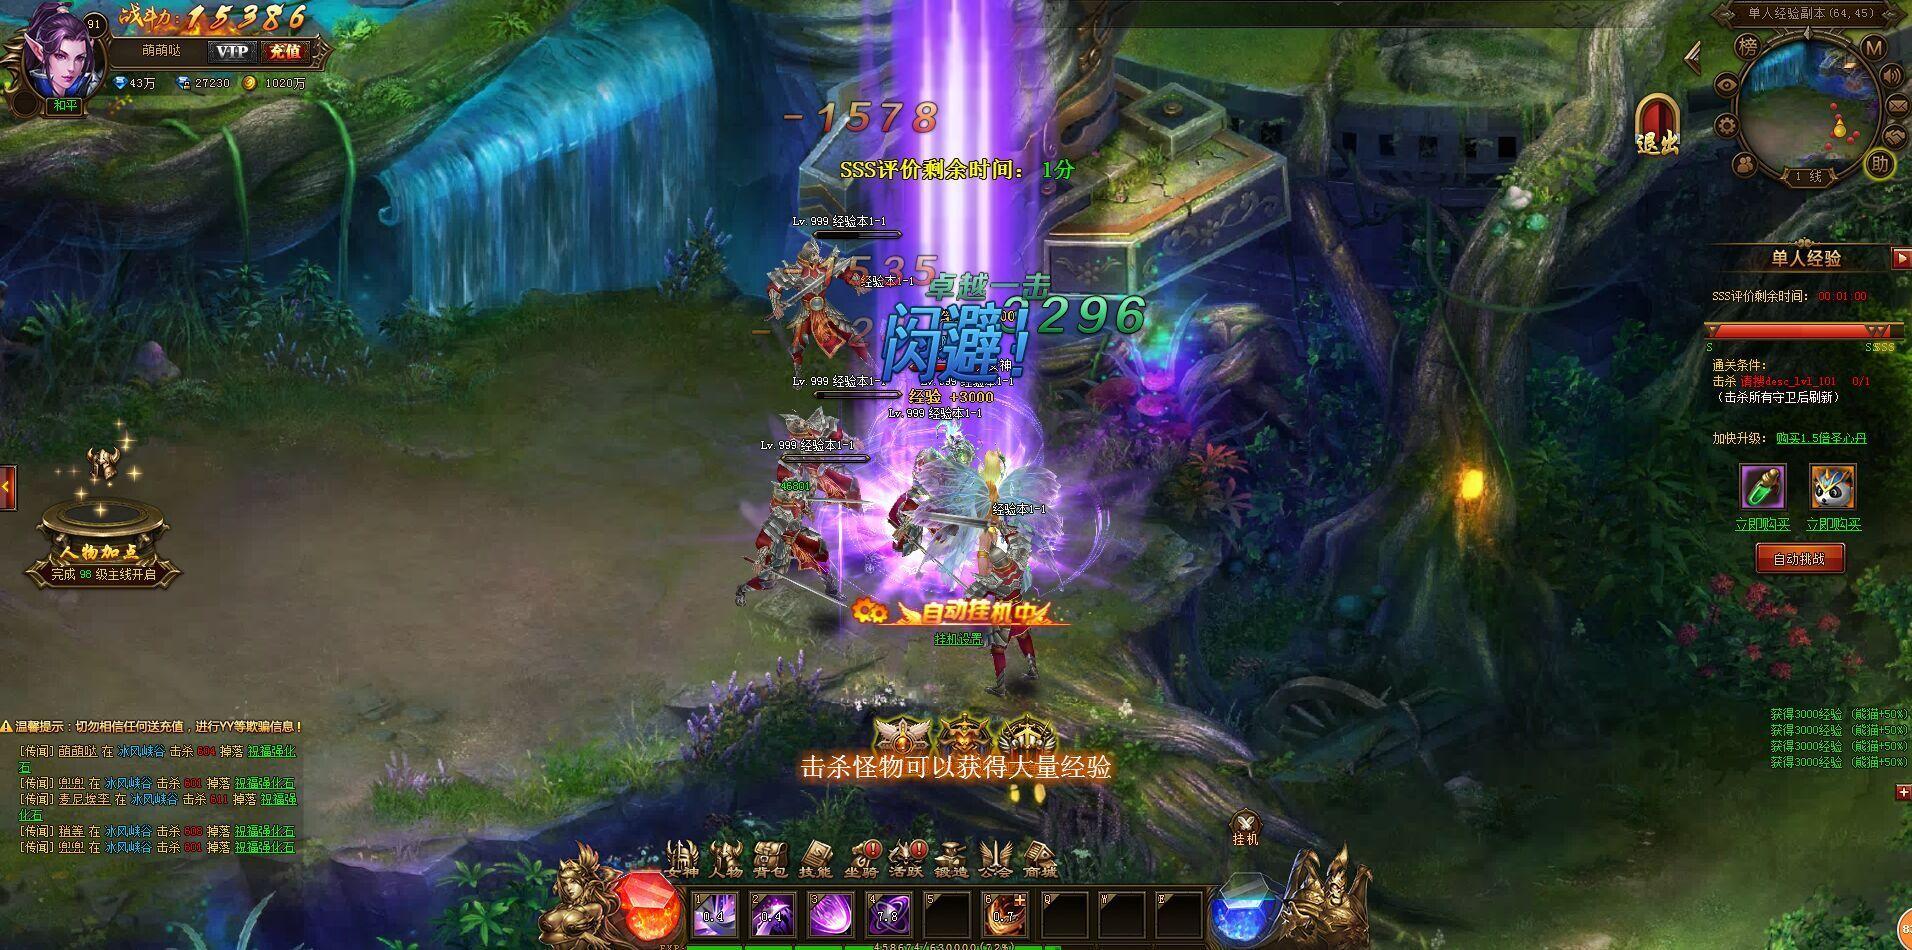 《大天使之怒》游戏截图